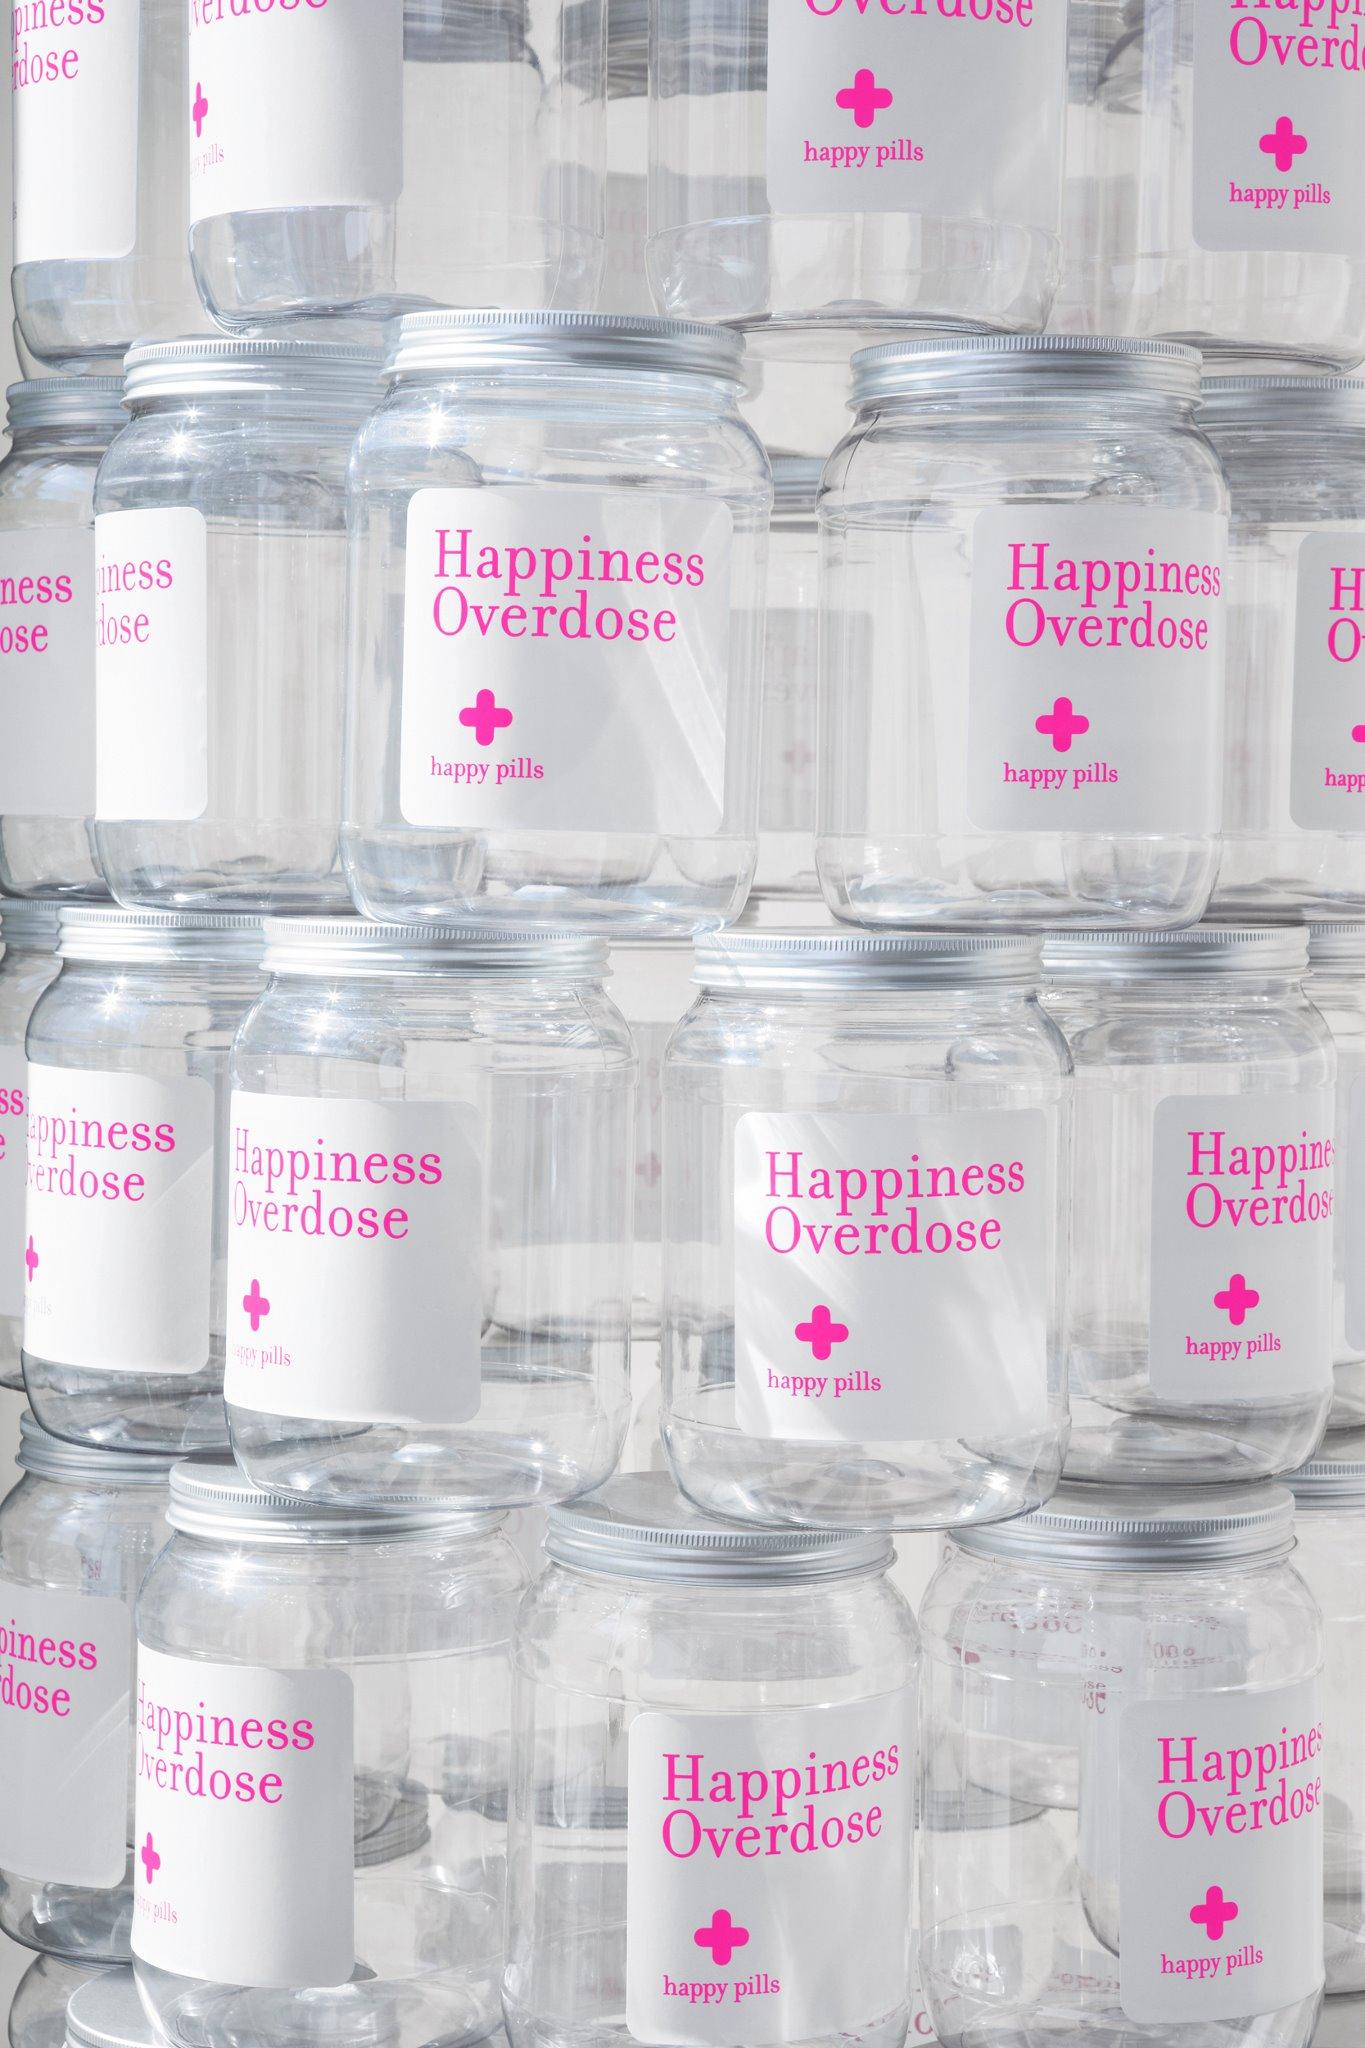 erdbeerwald_happy_pills_dosen